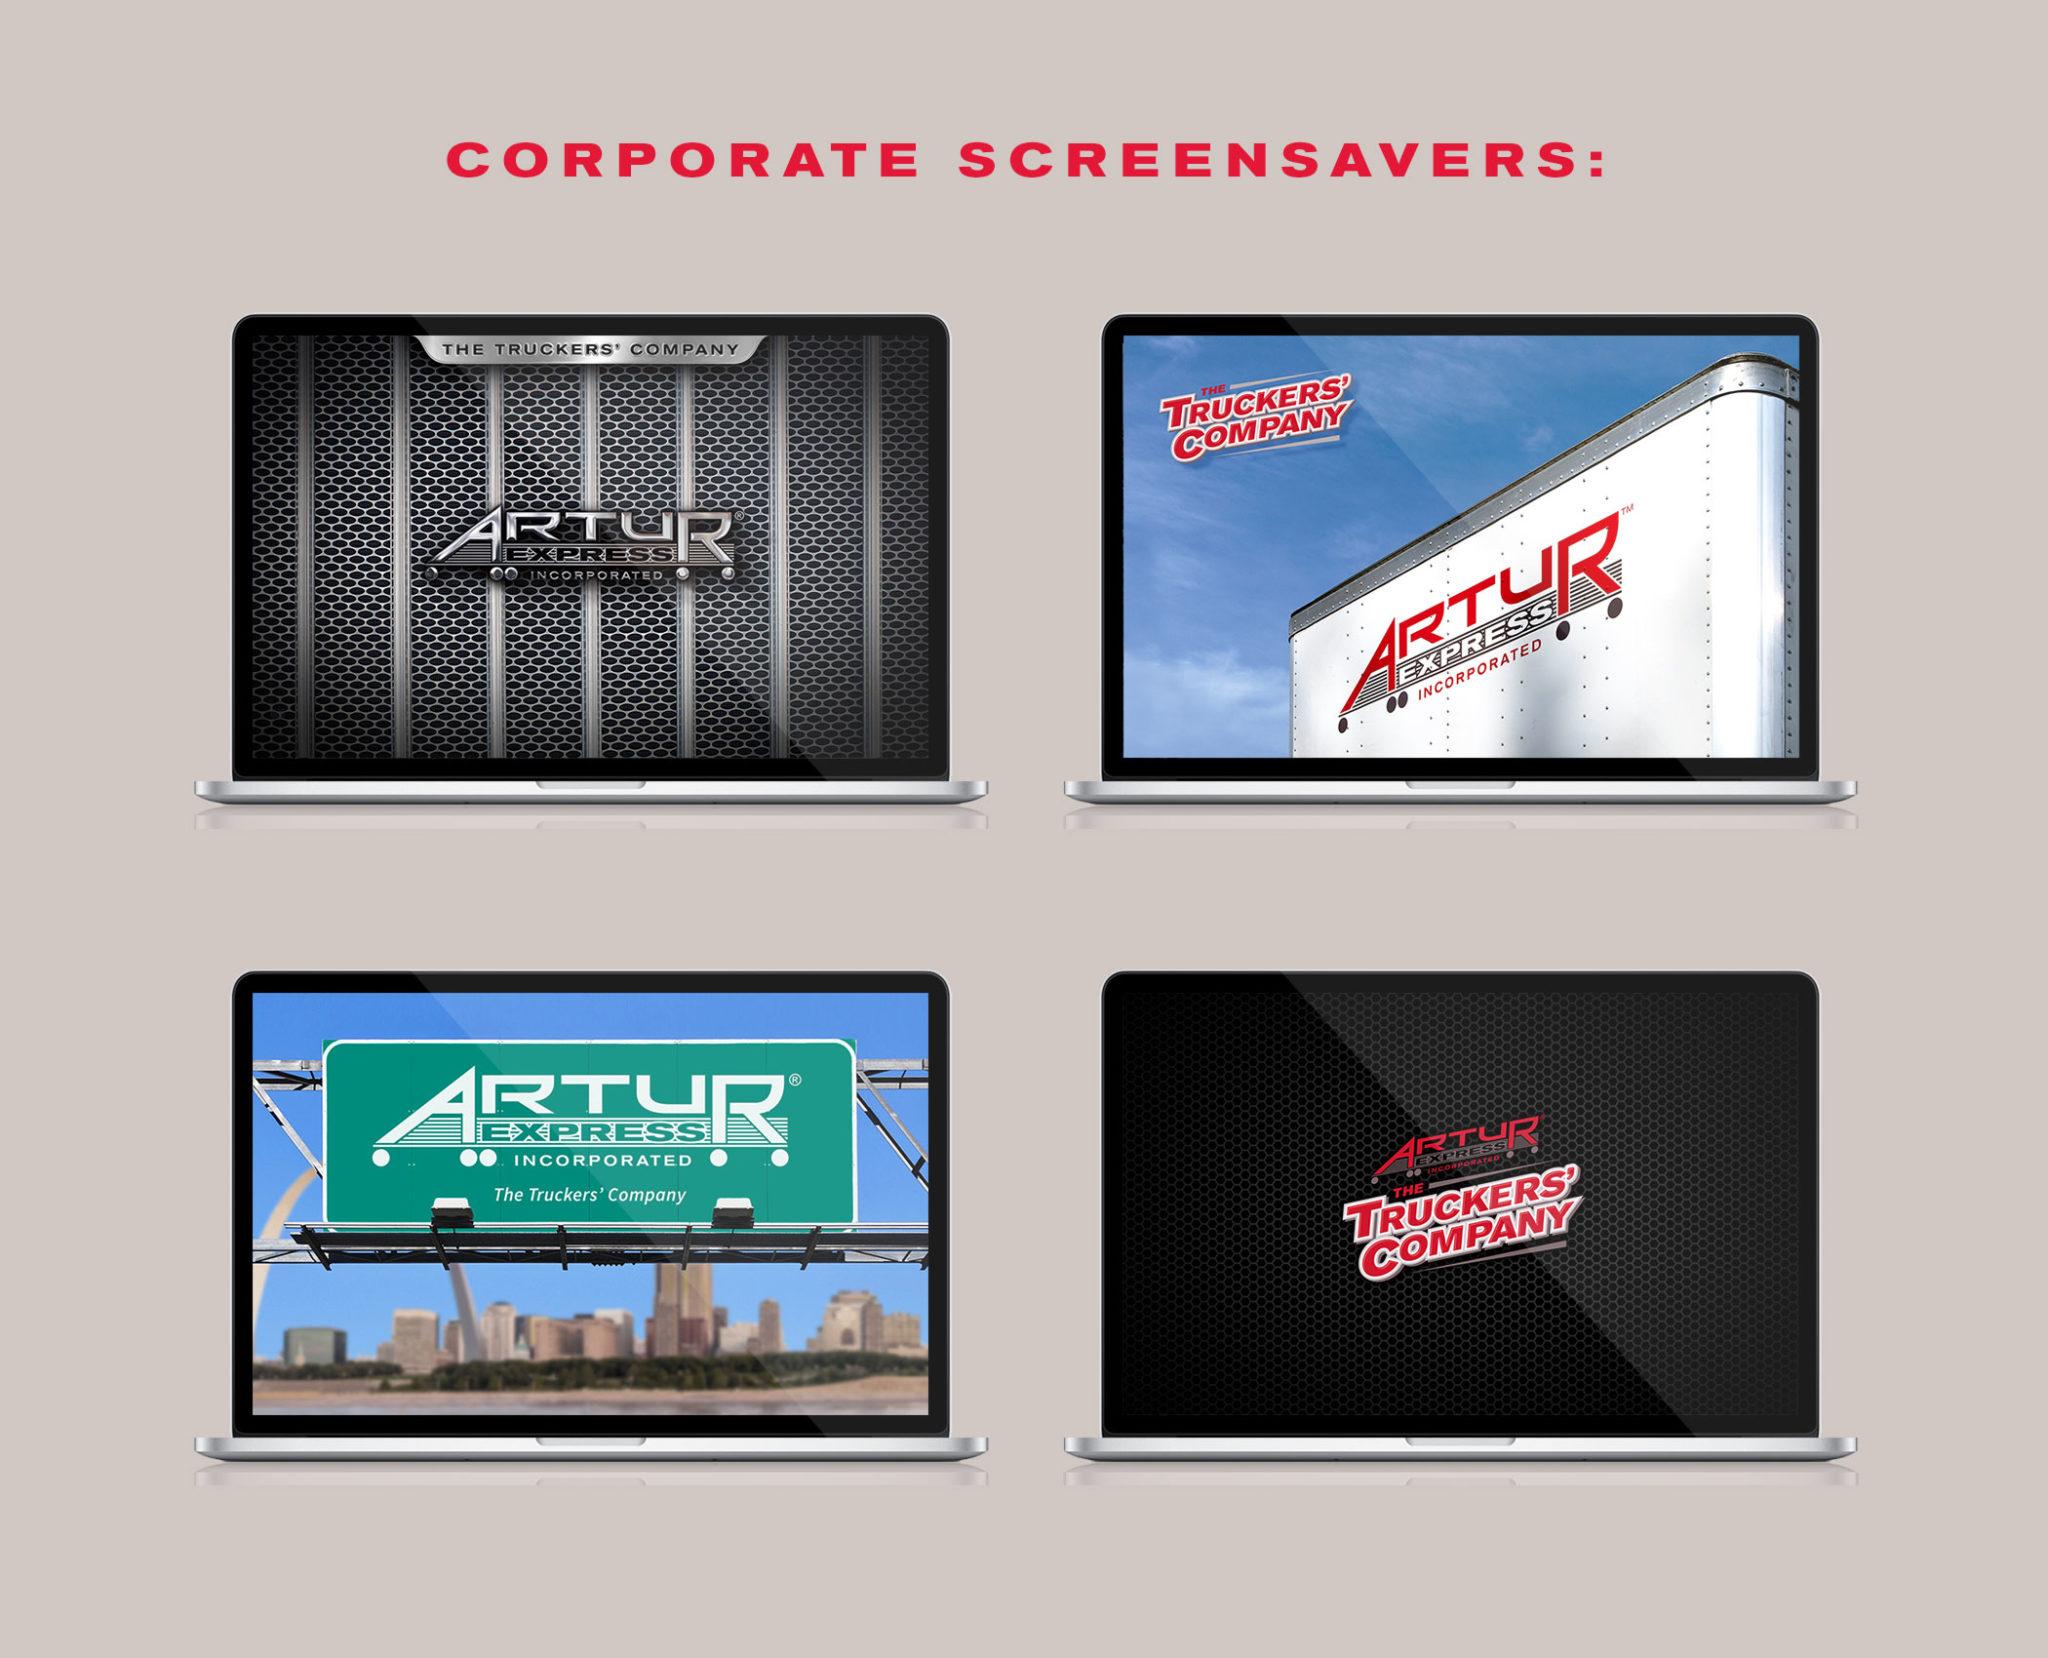 Artur screensaver designs